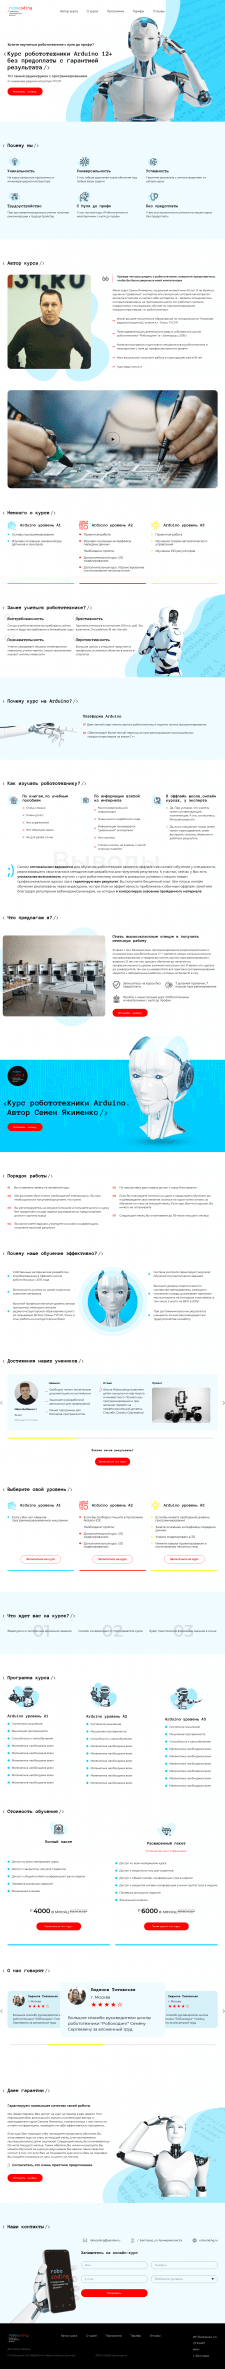 Верстка сайта по макету Figma